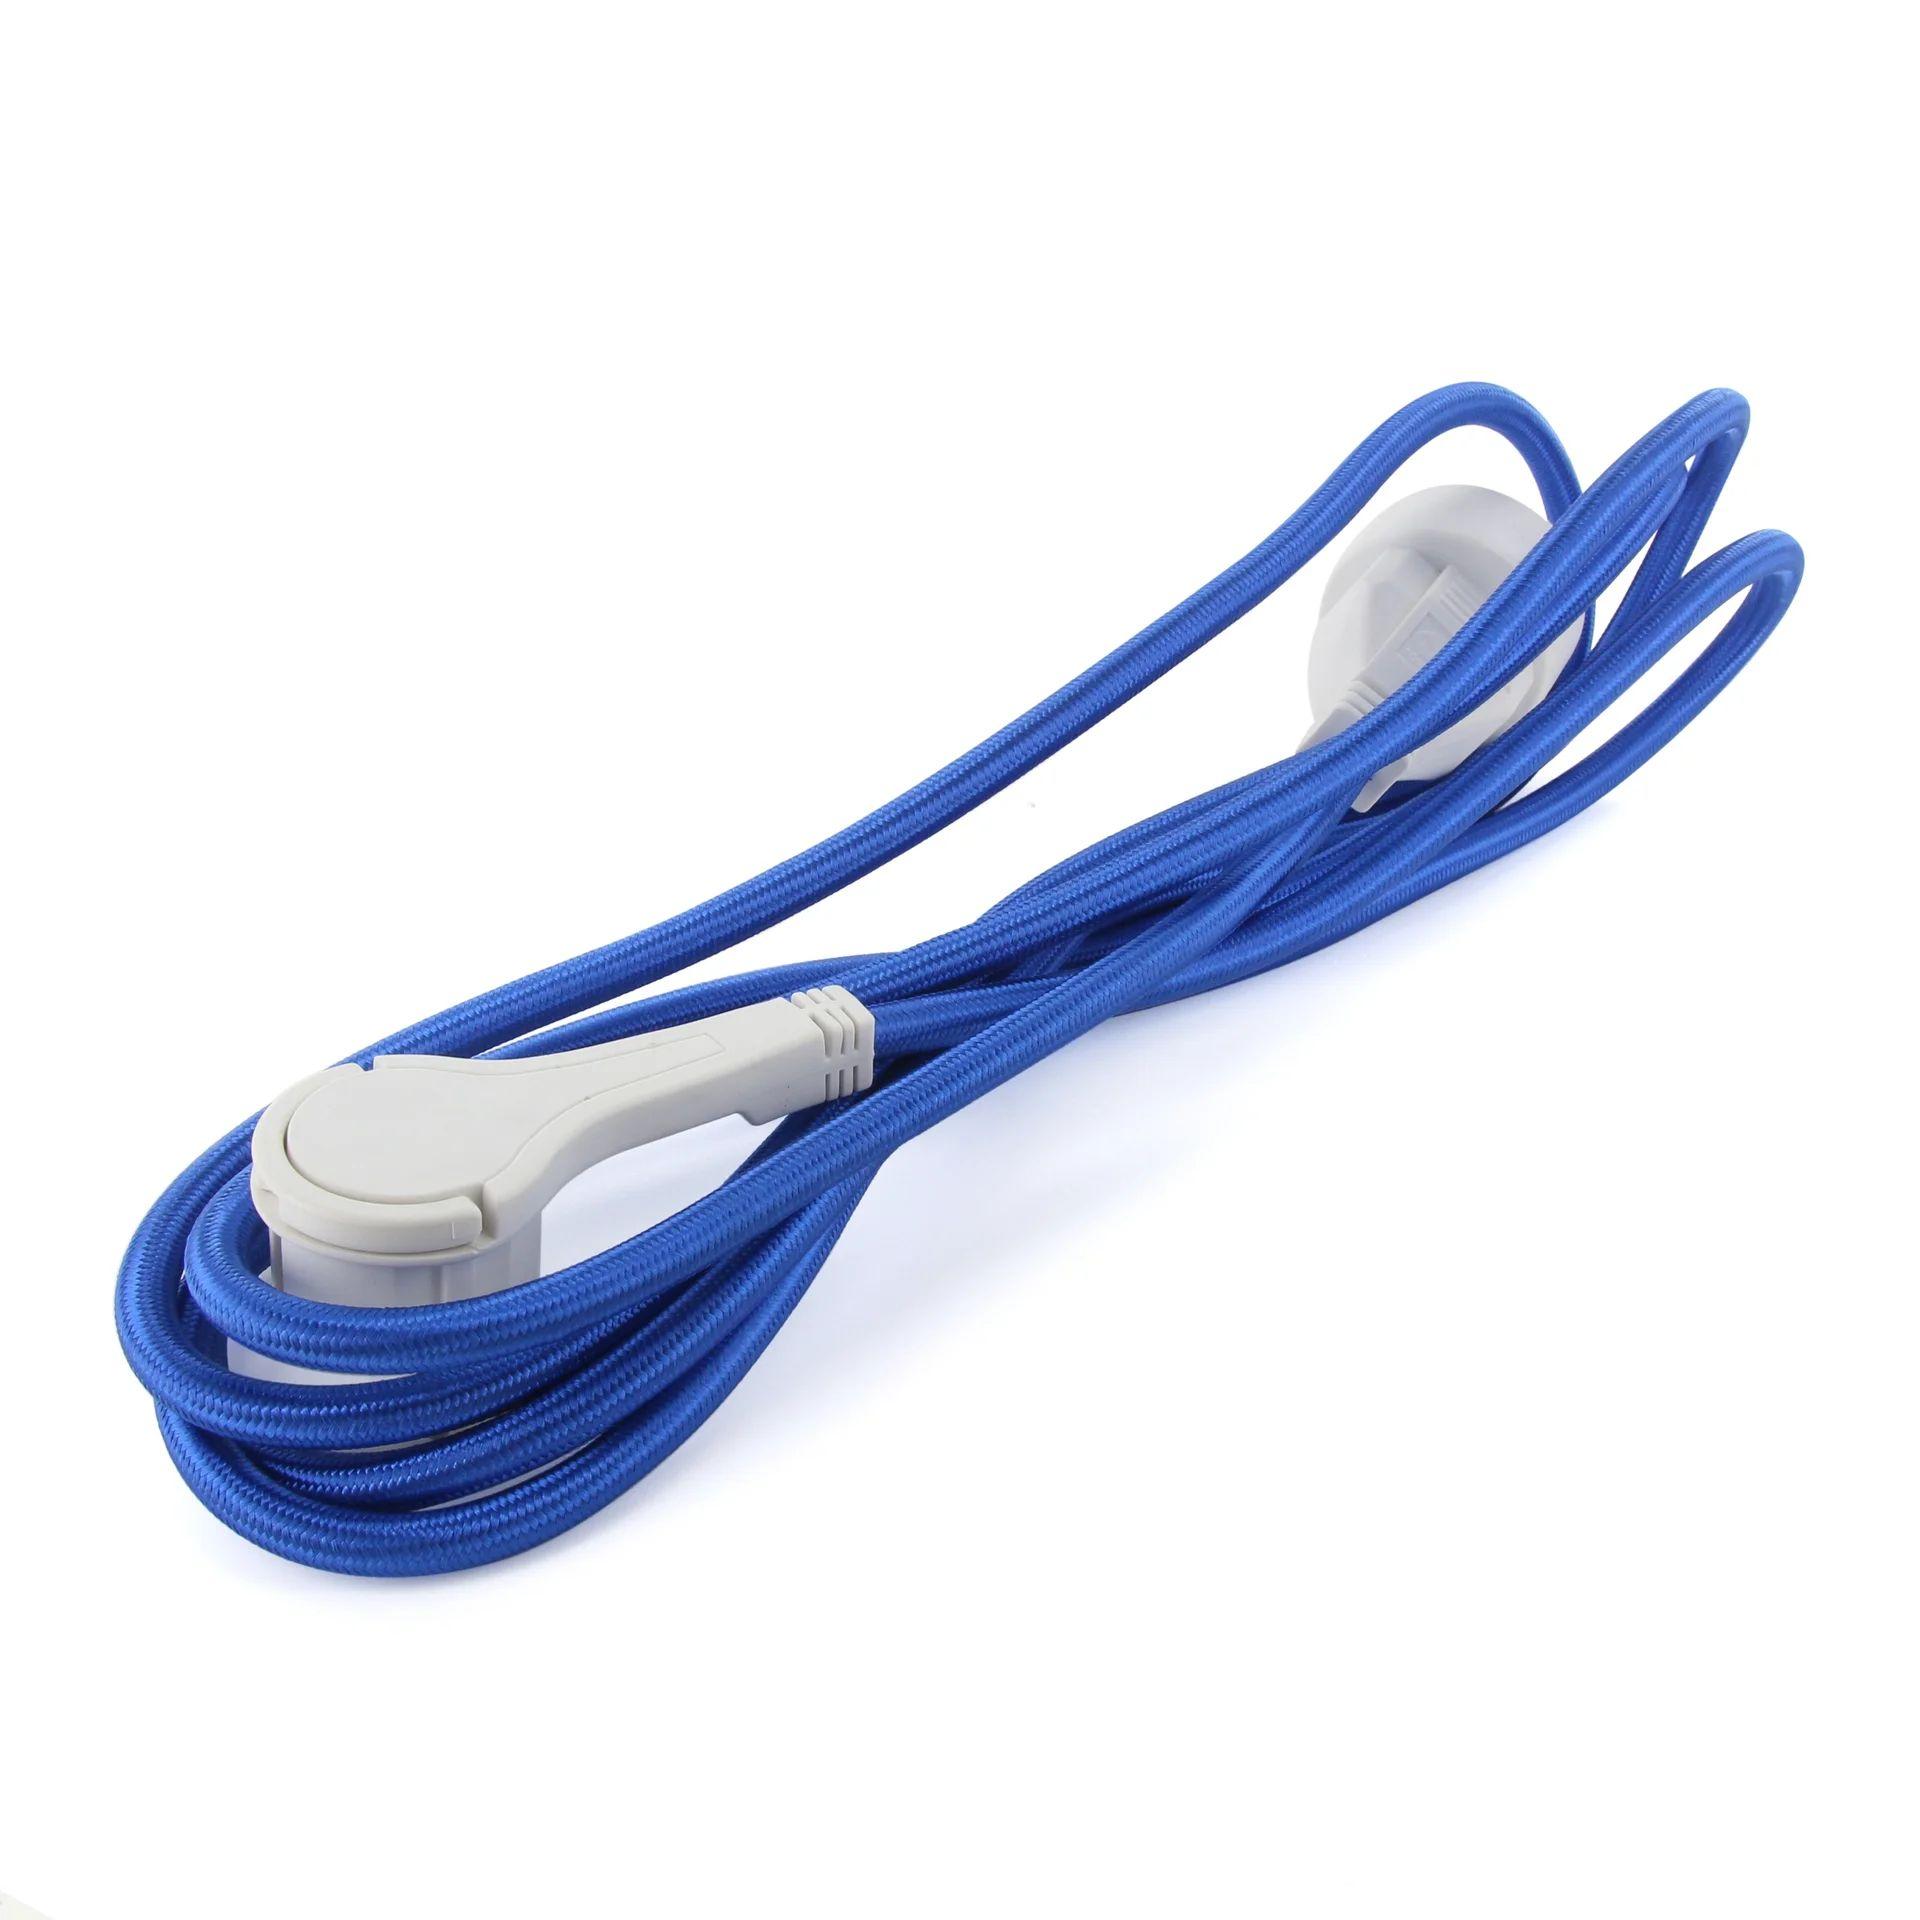 Rallonge Textile Electrique Menager Avec Terre L 3 M Ho5vvf 3g1 5 Bleu Leroy Merlin